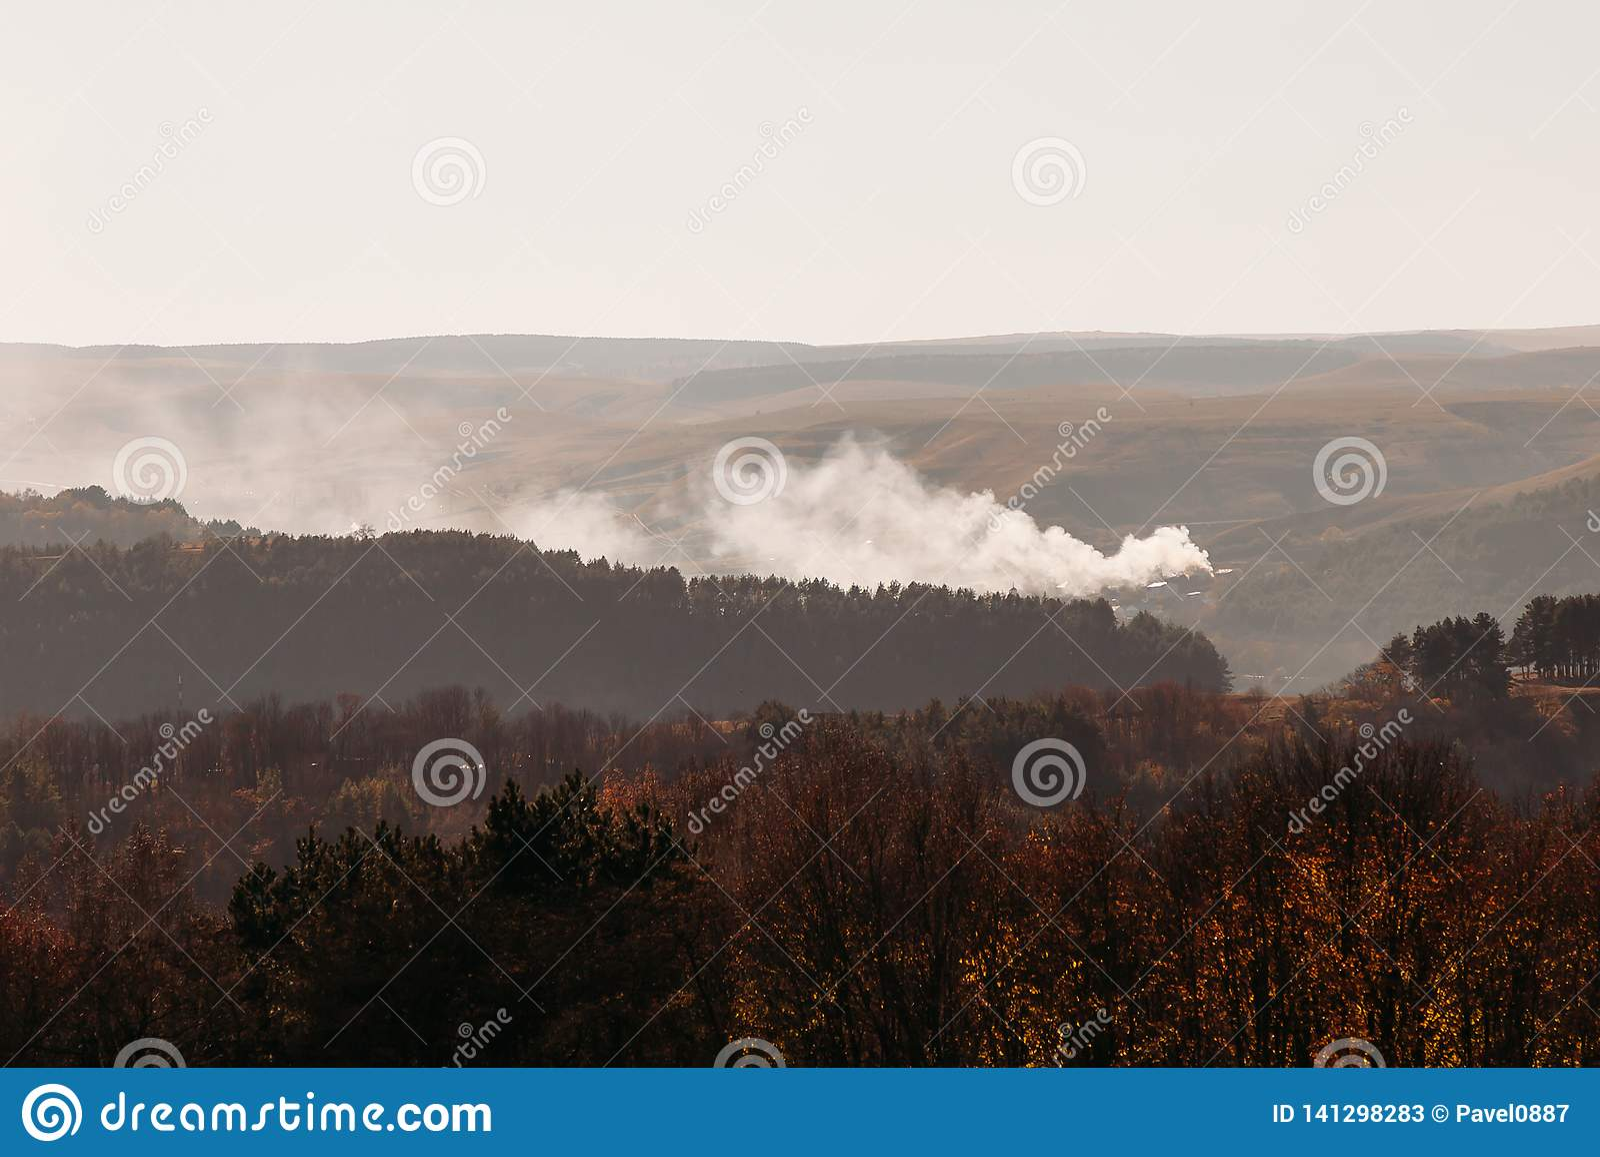 Fogo na floresta no terreno montanhoso no outono